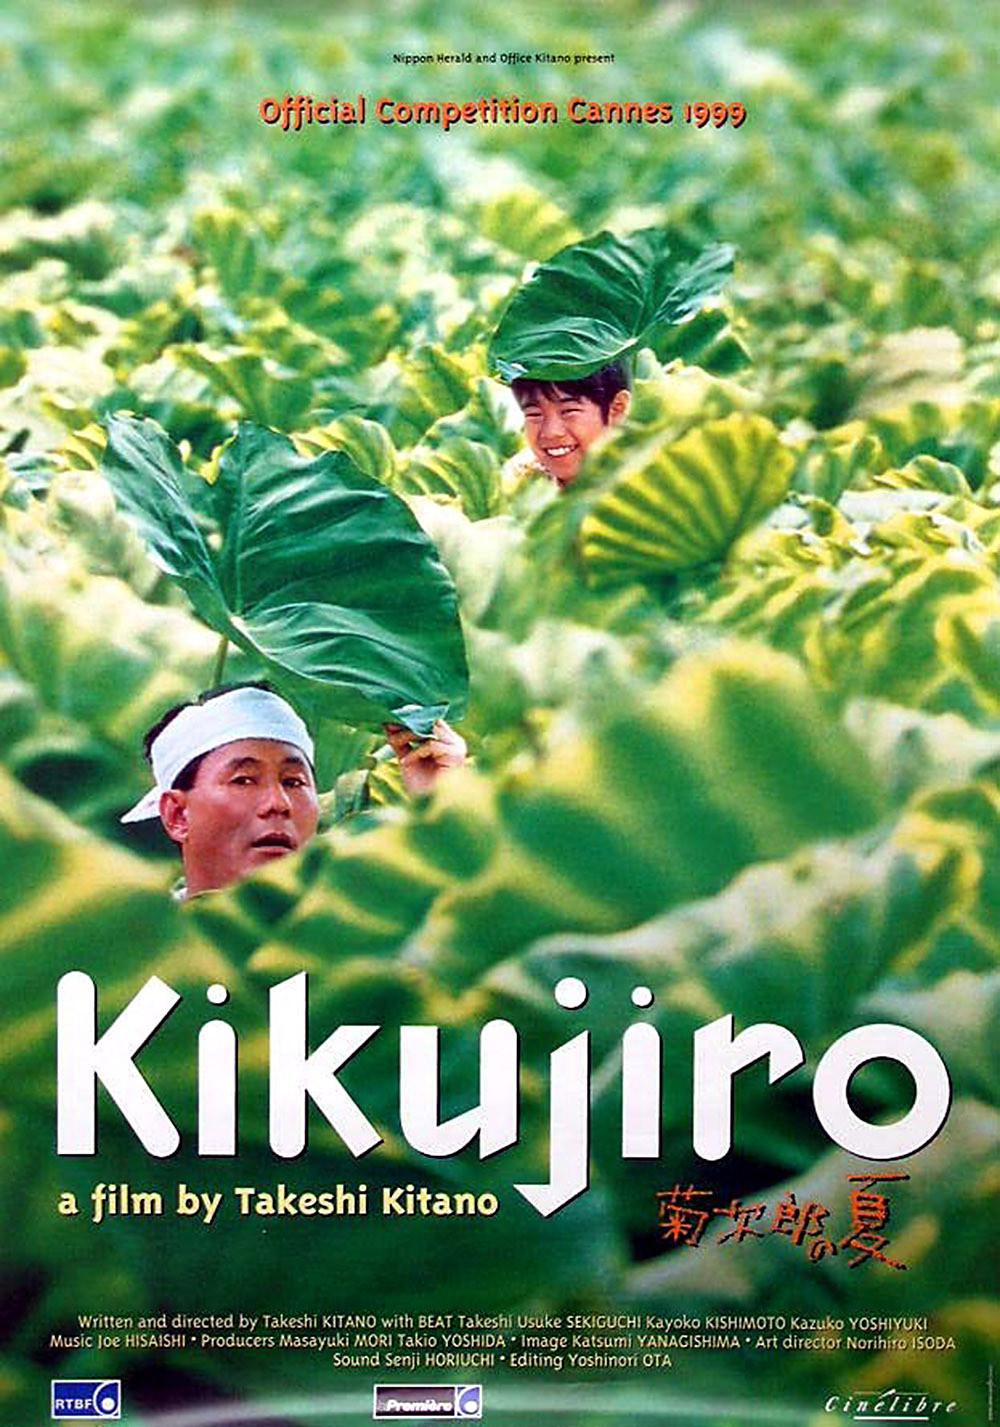 http://1.bp.blogspot.com/-giXOUllB3CE/T-4z47D5-jI/AAAAAAAAA94/xBHriOgcaGk/s1600/Kikujir%25C3%25B4%2Bno%2BNatsu%2B2000%2B360s.vn.jpg